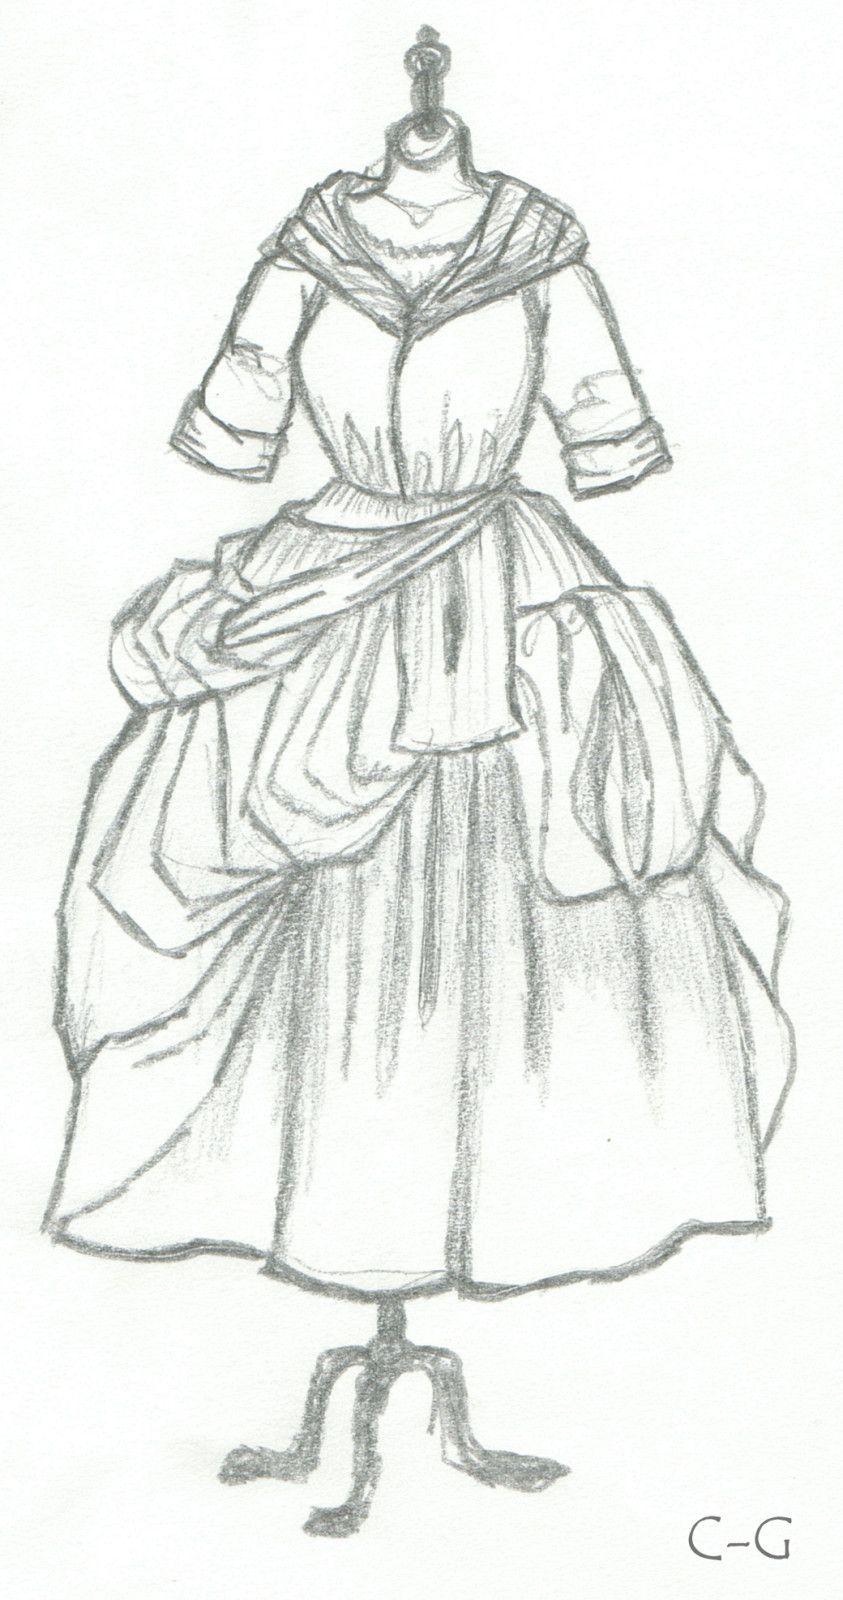 Un tr s joli dessin comment porter le costume les - Dessin costume ...